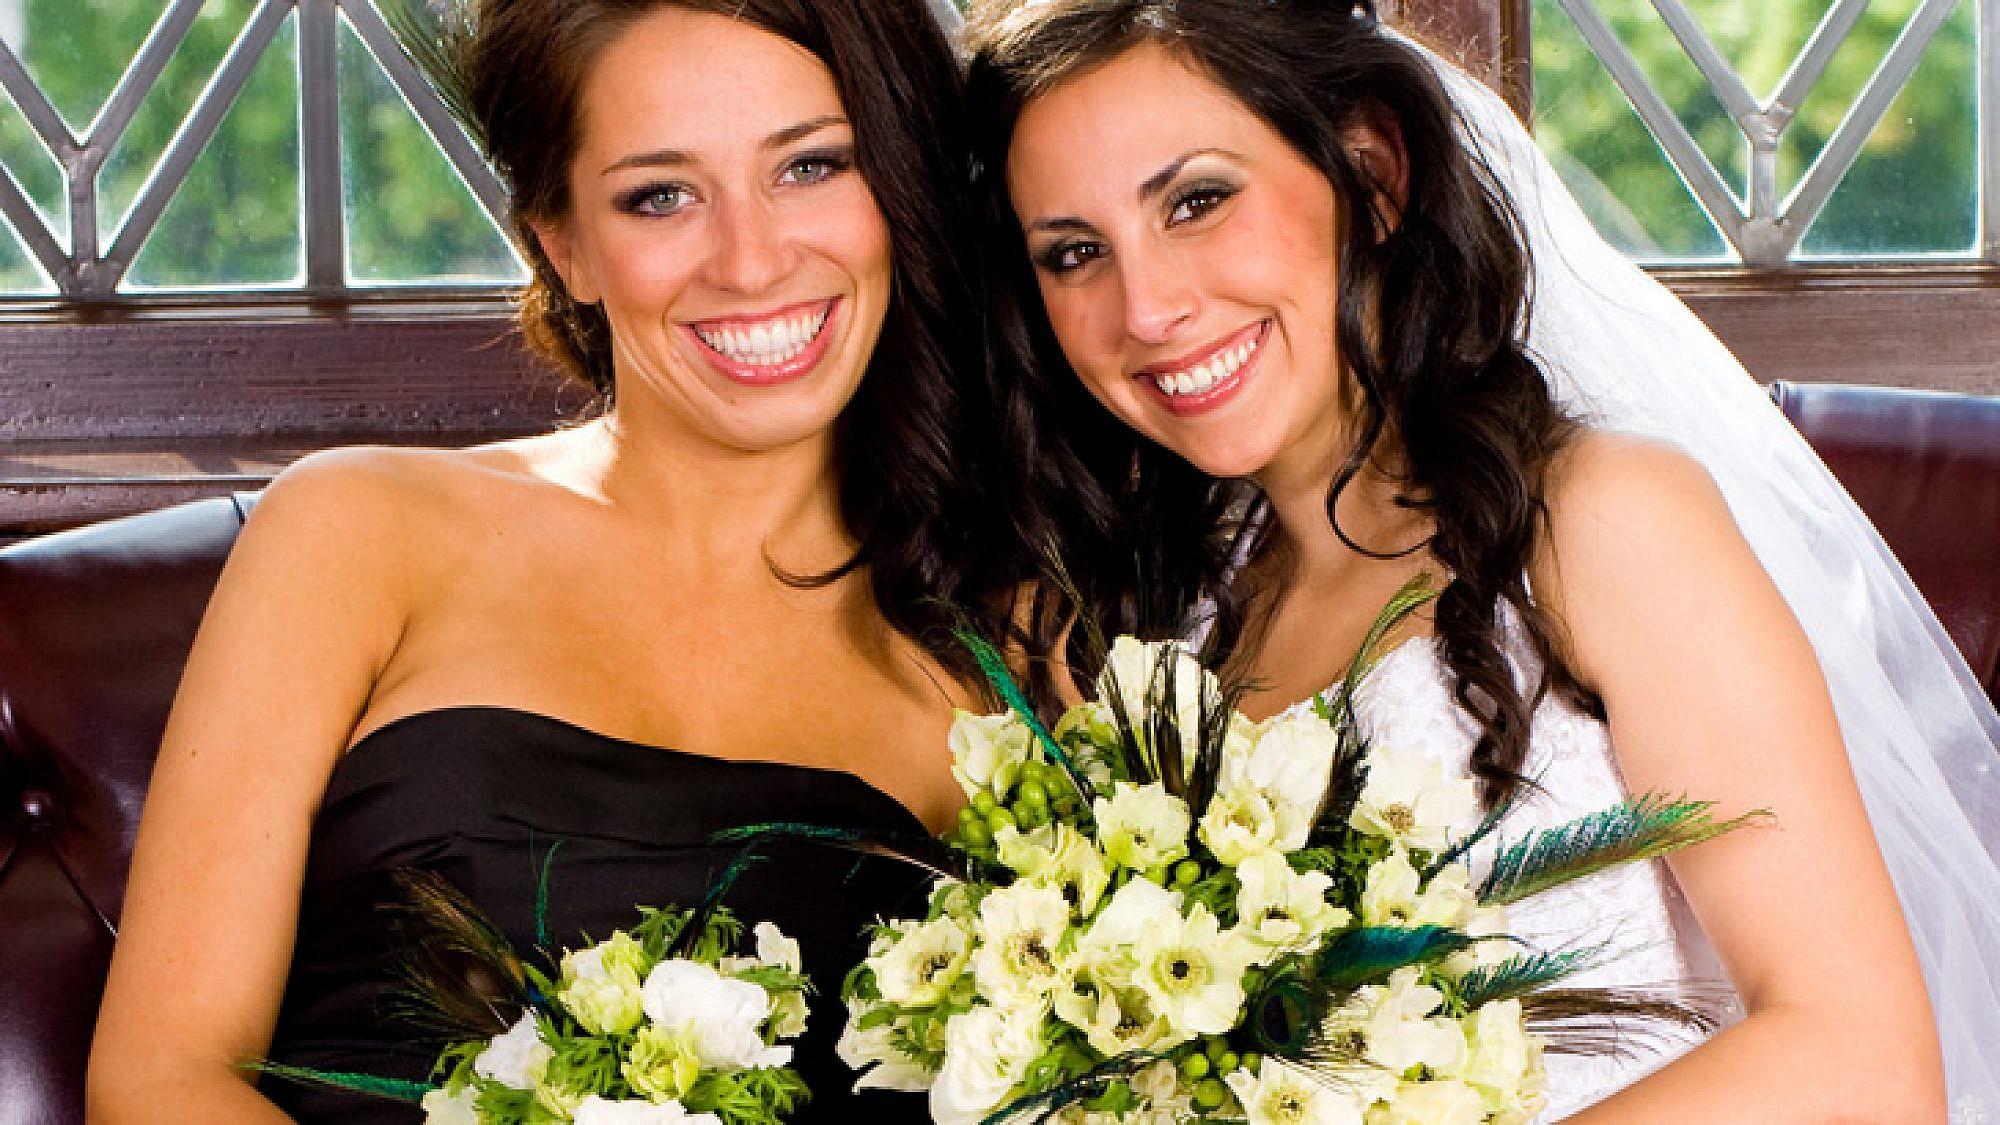 גם האחיות והחברות של הכלה משקיעות ביום החתונה | צלם: א.ס.א.פ קריאייטיב | Mat Hayward, Shutterstock (תמונת אילוסטרציה להמחשה בלבד)